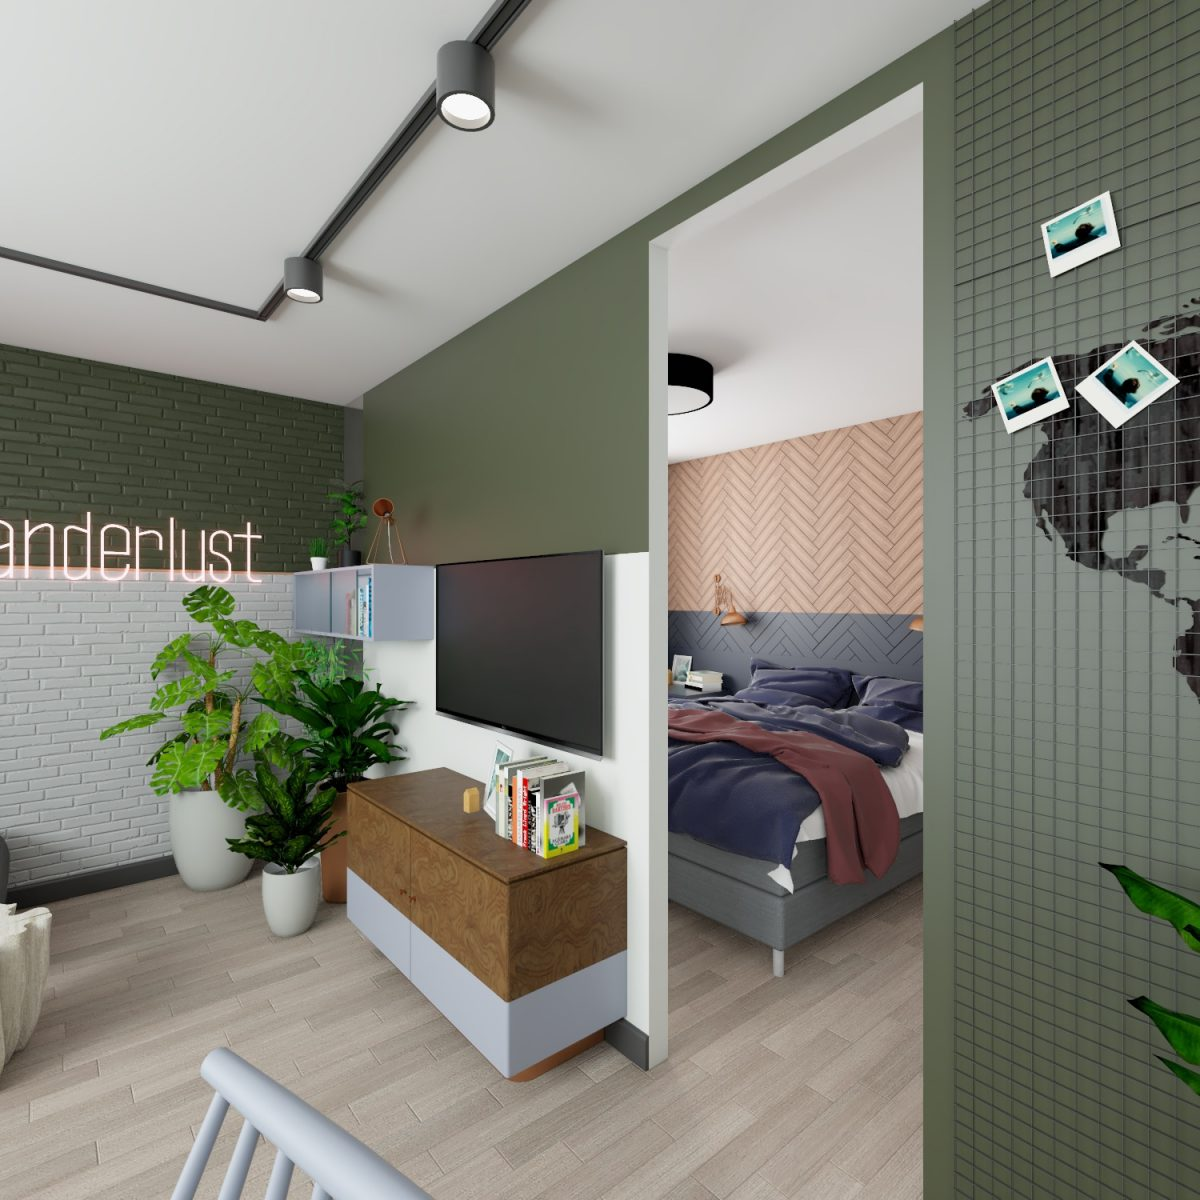 Sypialnia isalon mieszkania wkamienicy